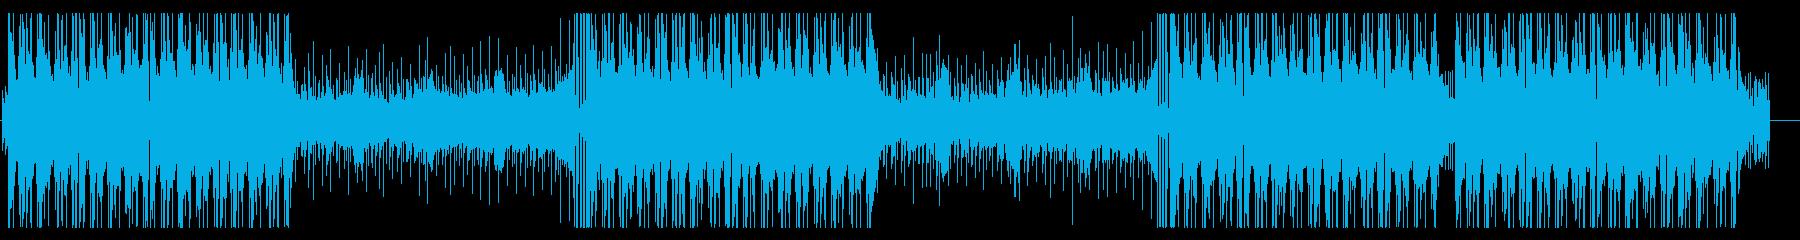 アコギ主体のちょっと大人なポップスの再生済みの波形